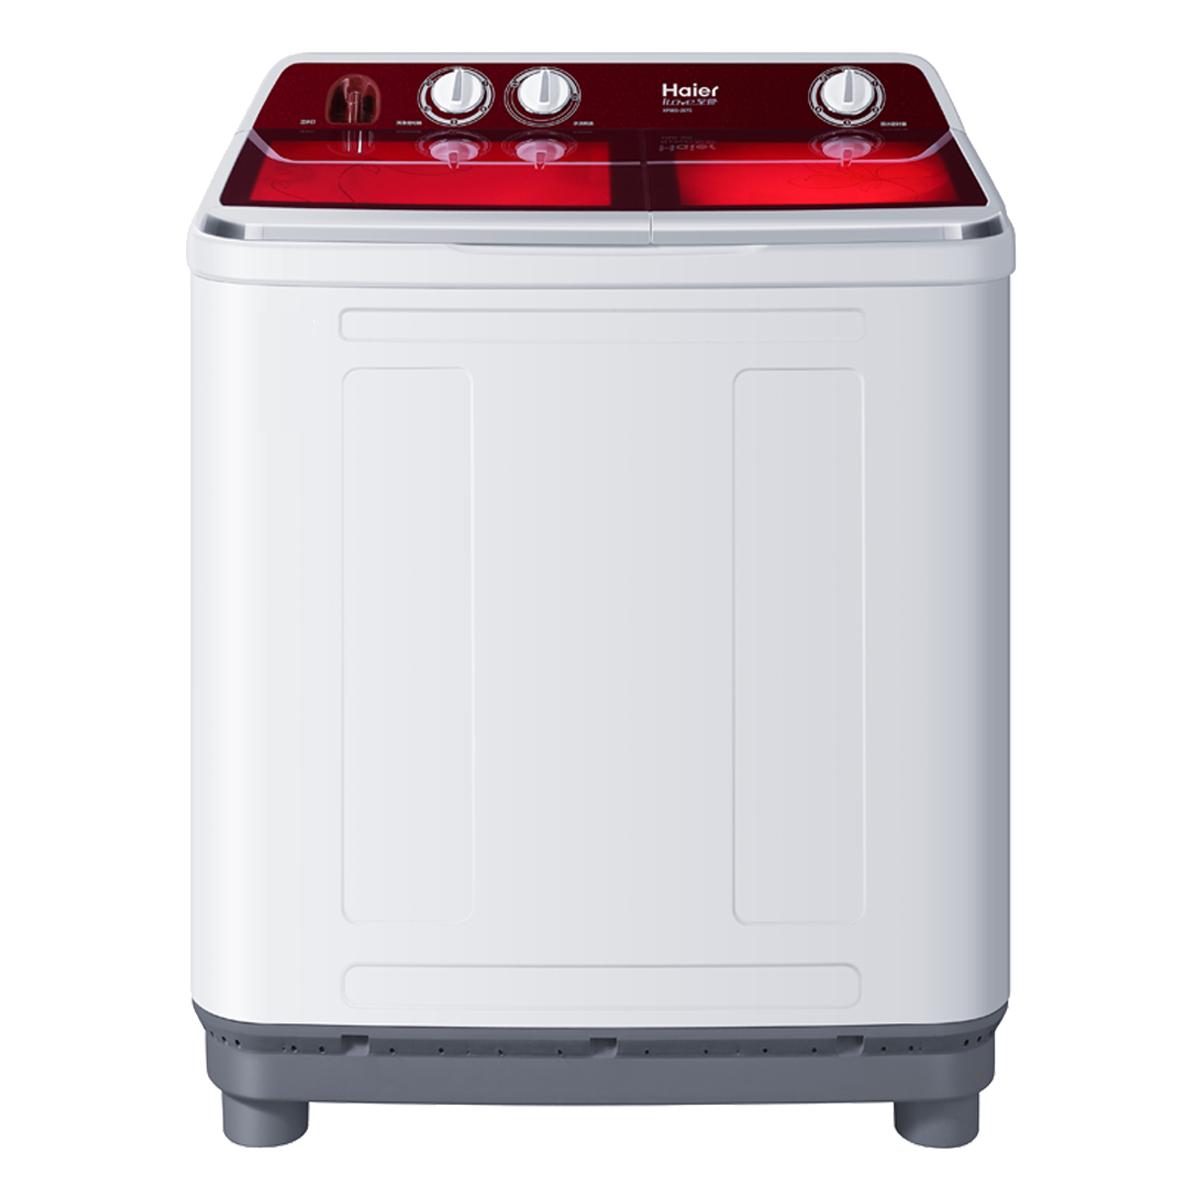 海尔Haier洗衣机 XPB85-207S 说明书